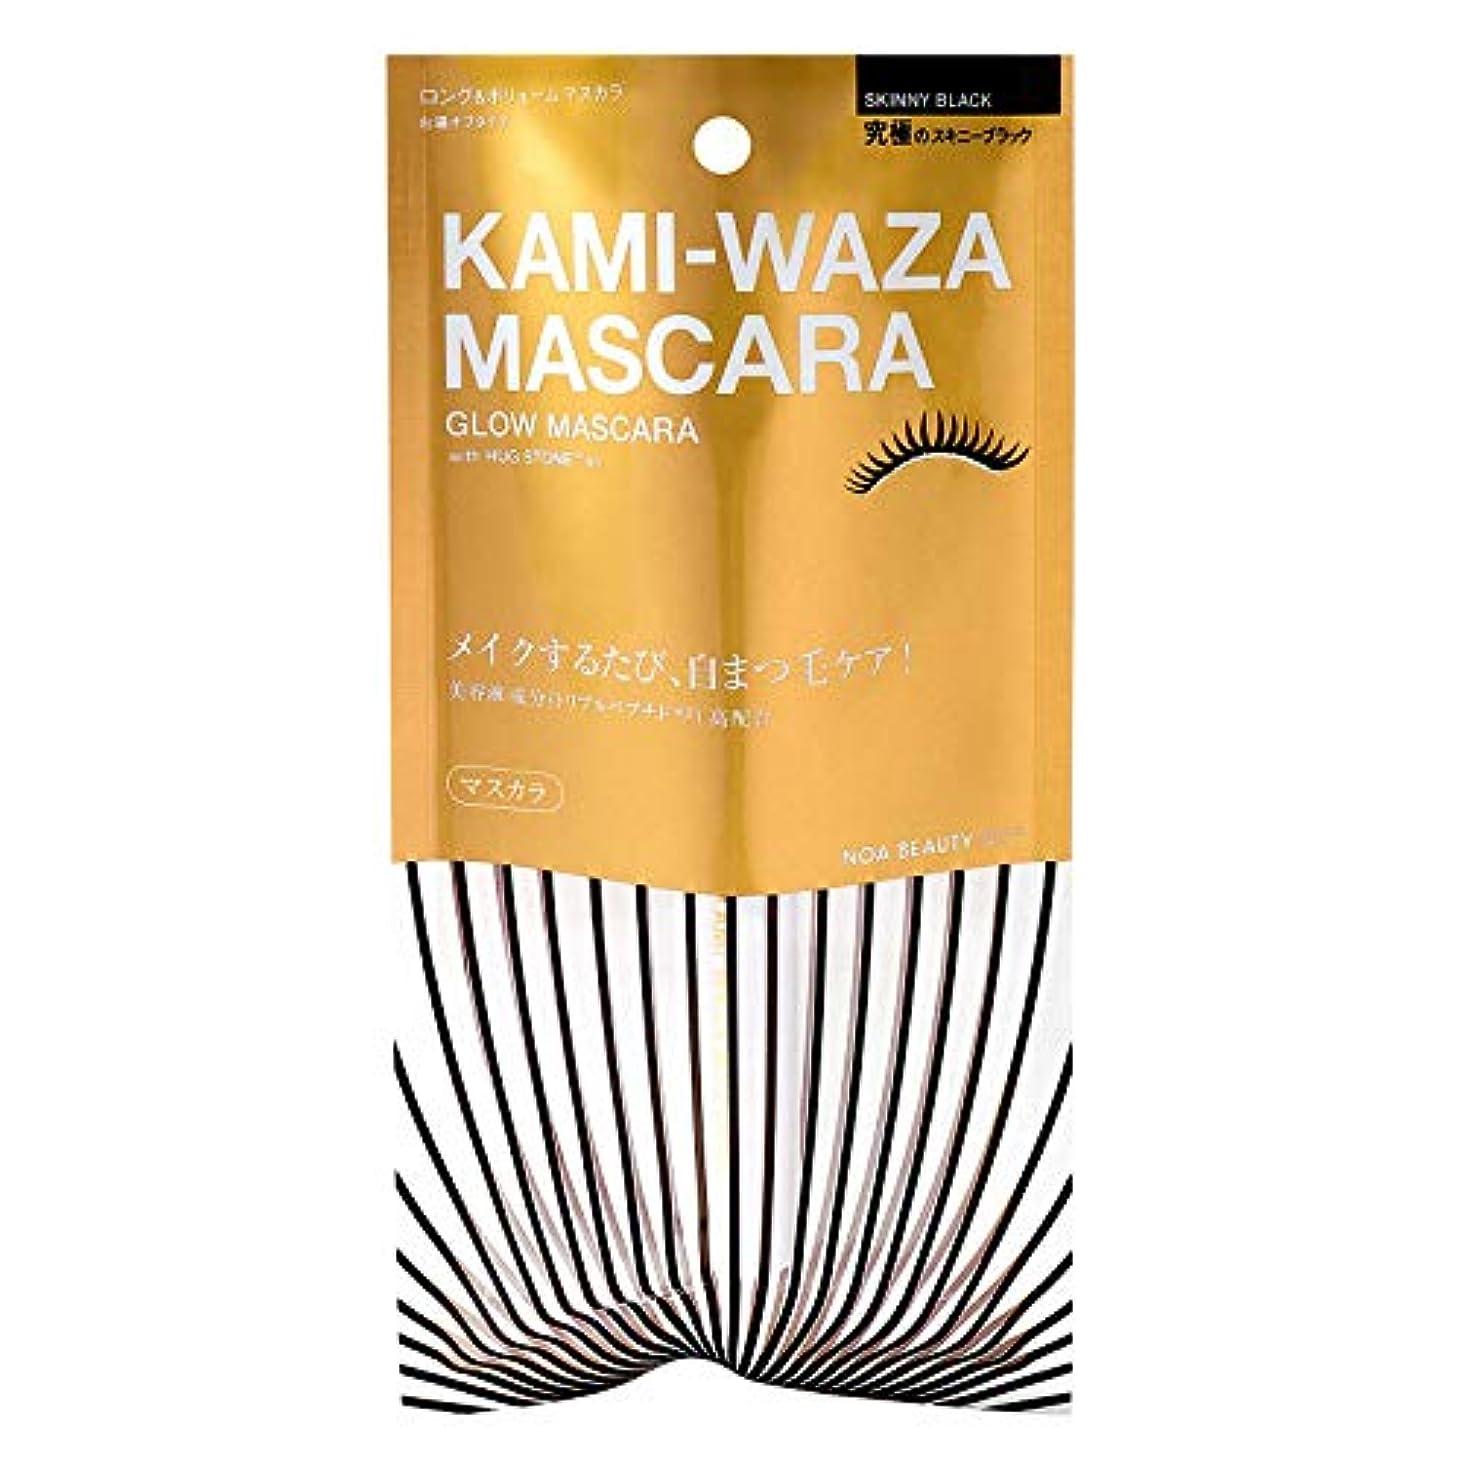 パーセントやけどやりすぎKAMI-WAZA(カミワザ) MASCARA 〈美容マスカラ〉 KWM01 (8g)